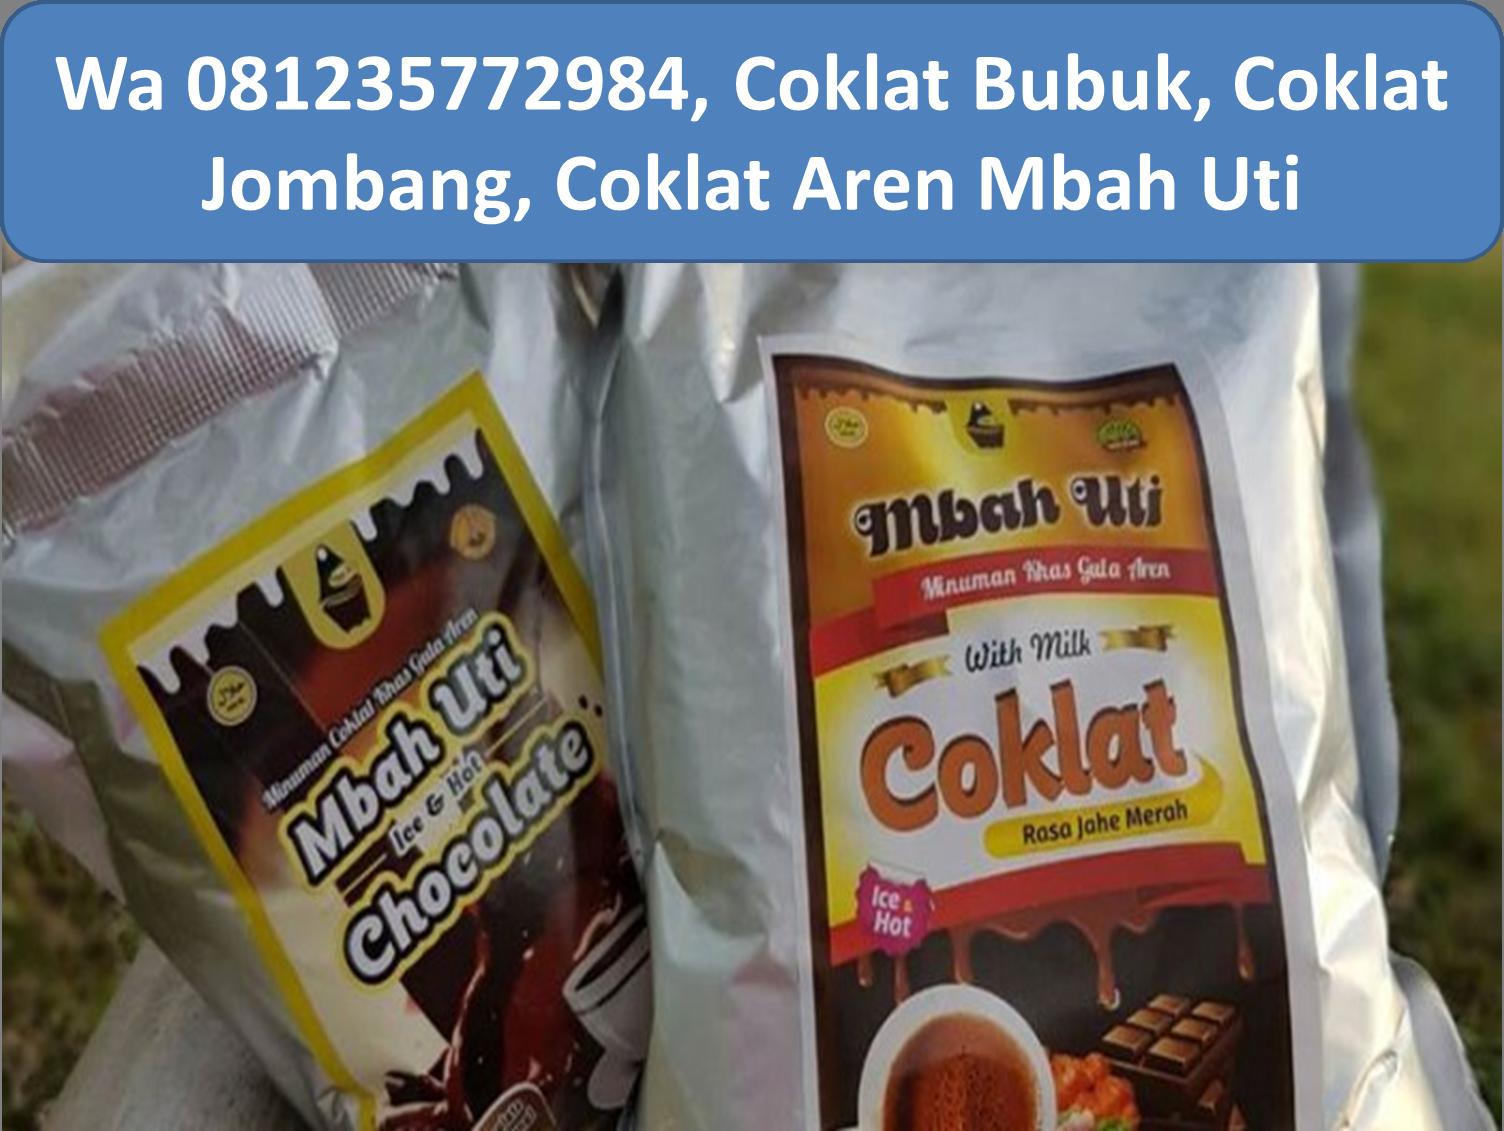 Pin Oleh Dul Muklis Di Coklat Bubuk Coklat Mbah Uti Coklat Jombang Coklat